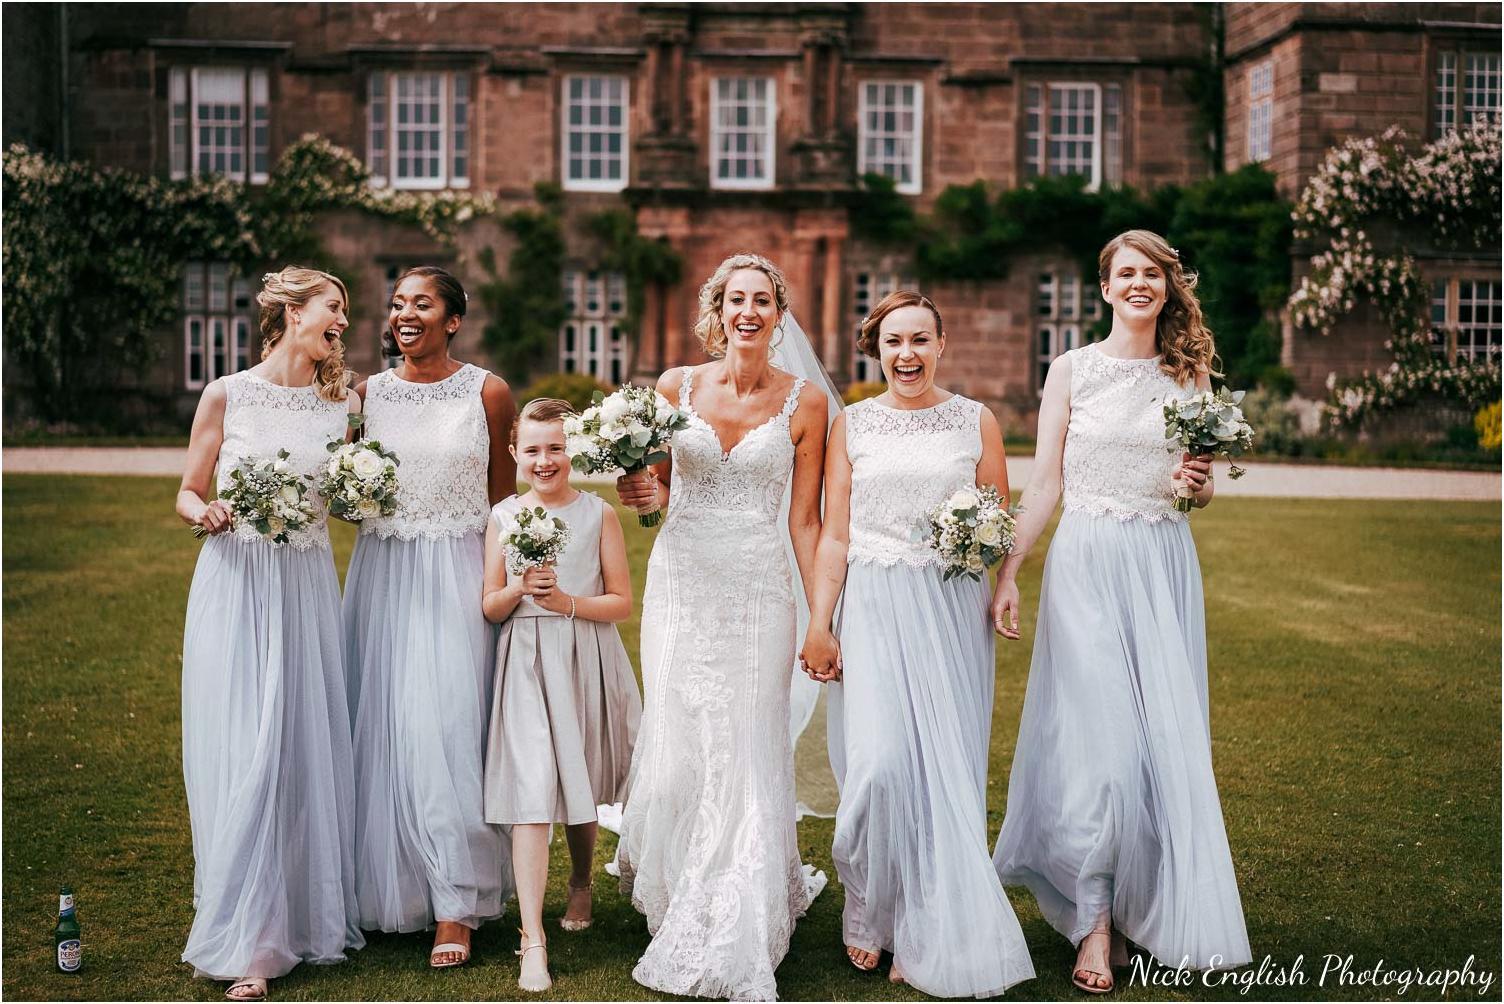 Browsholme_Hall_Tithe_Barn_Wedding_Photographer_Lancashire-70.jpg